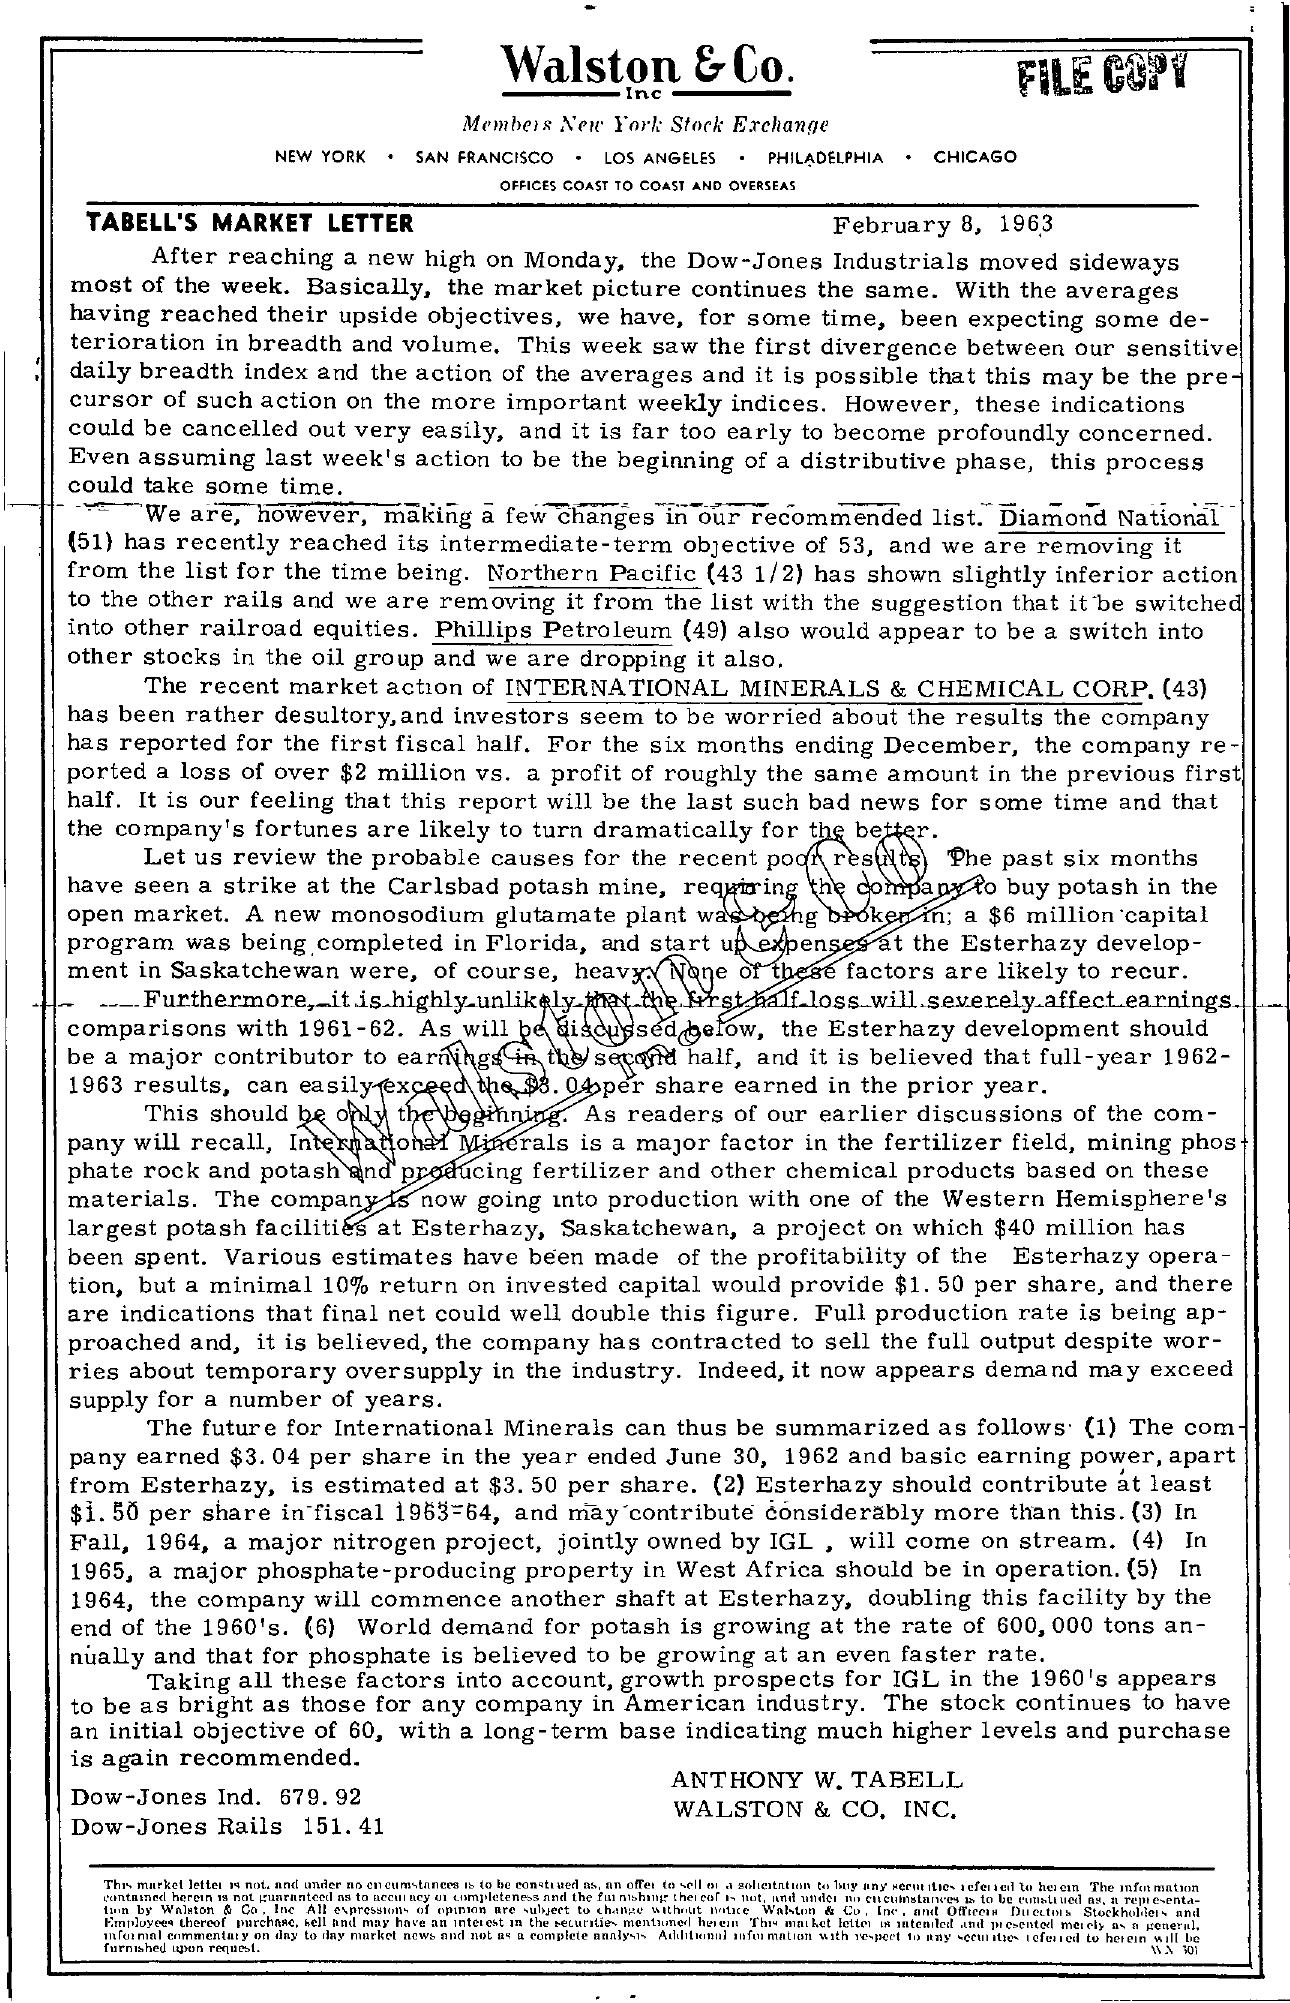 Tabell's Market Letter - February 08, 1963